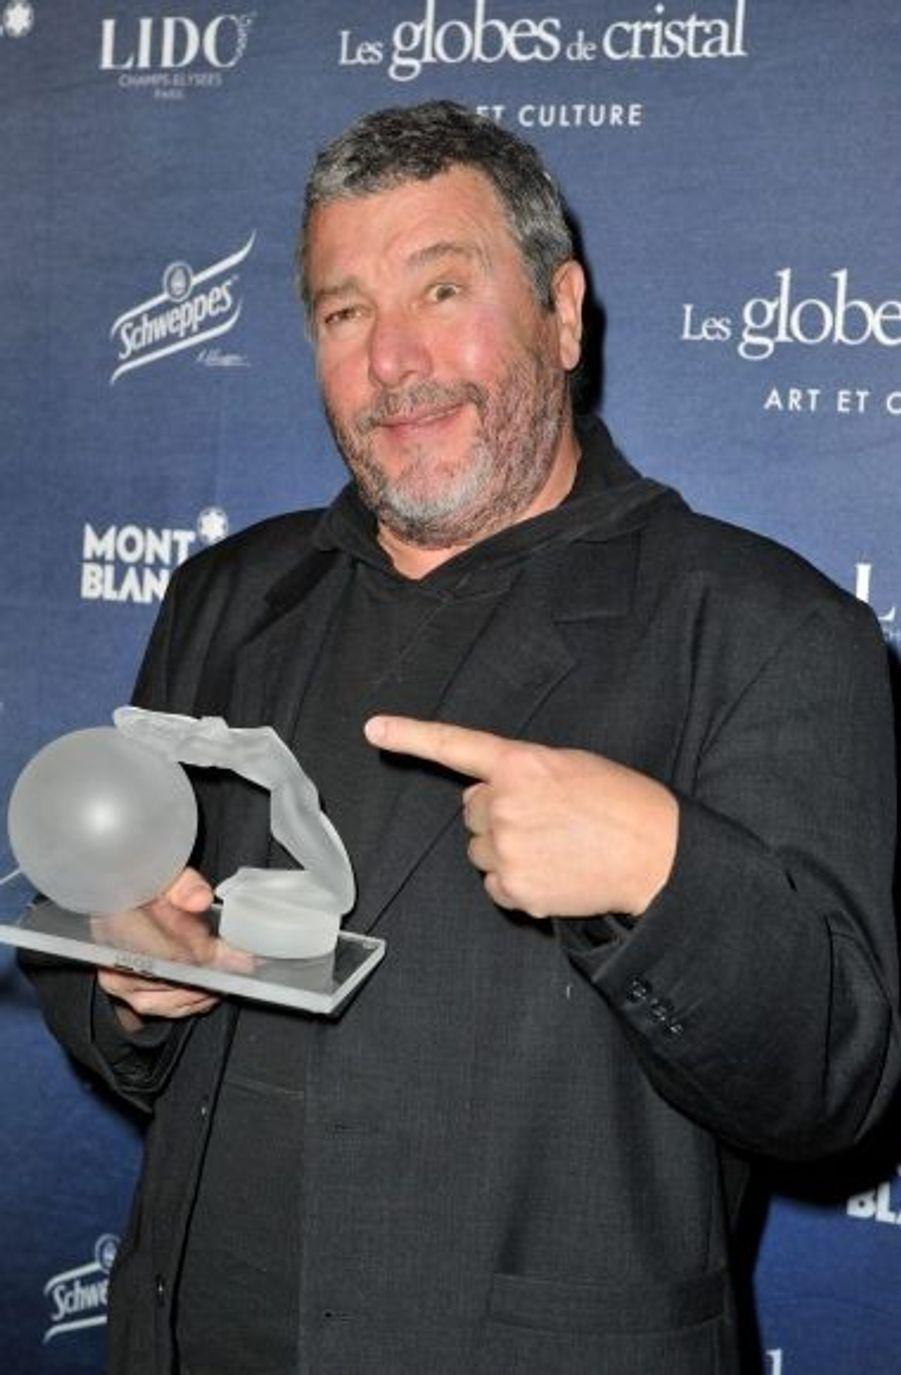 Philippe Starck a été élu Meilleur architecte / Designer / Photographe.